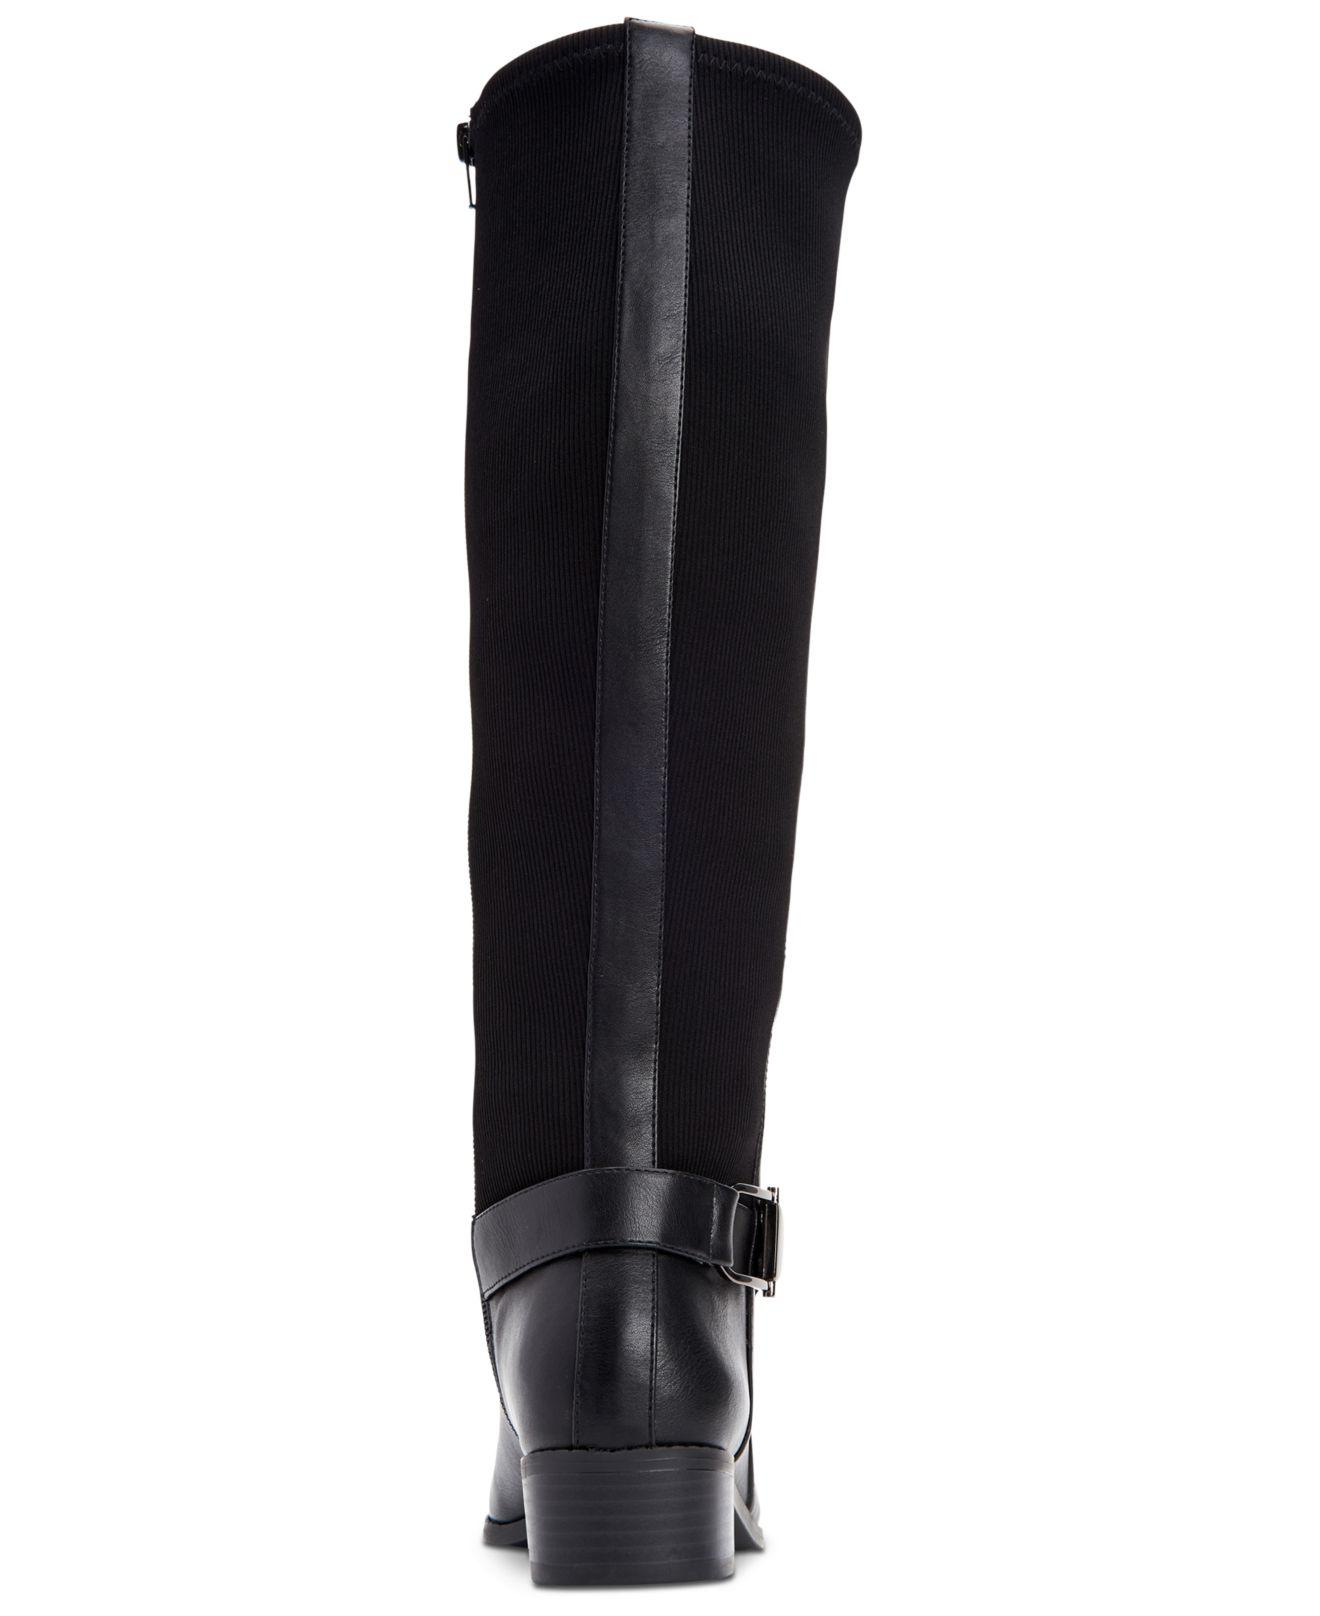 e8b84dd1f41 Alfani - Black Step  n Flex Kallumm Boots